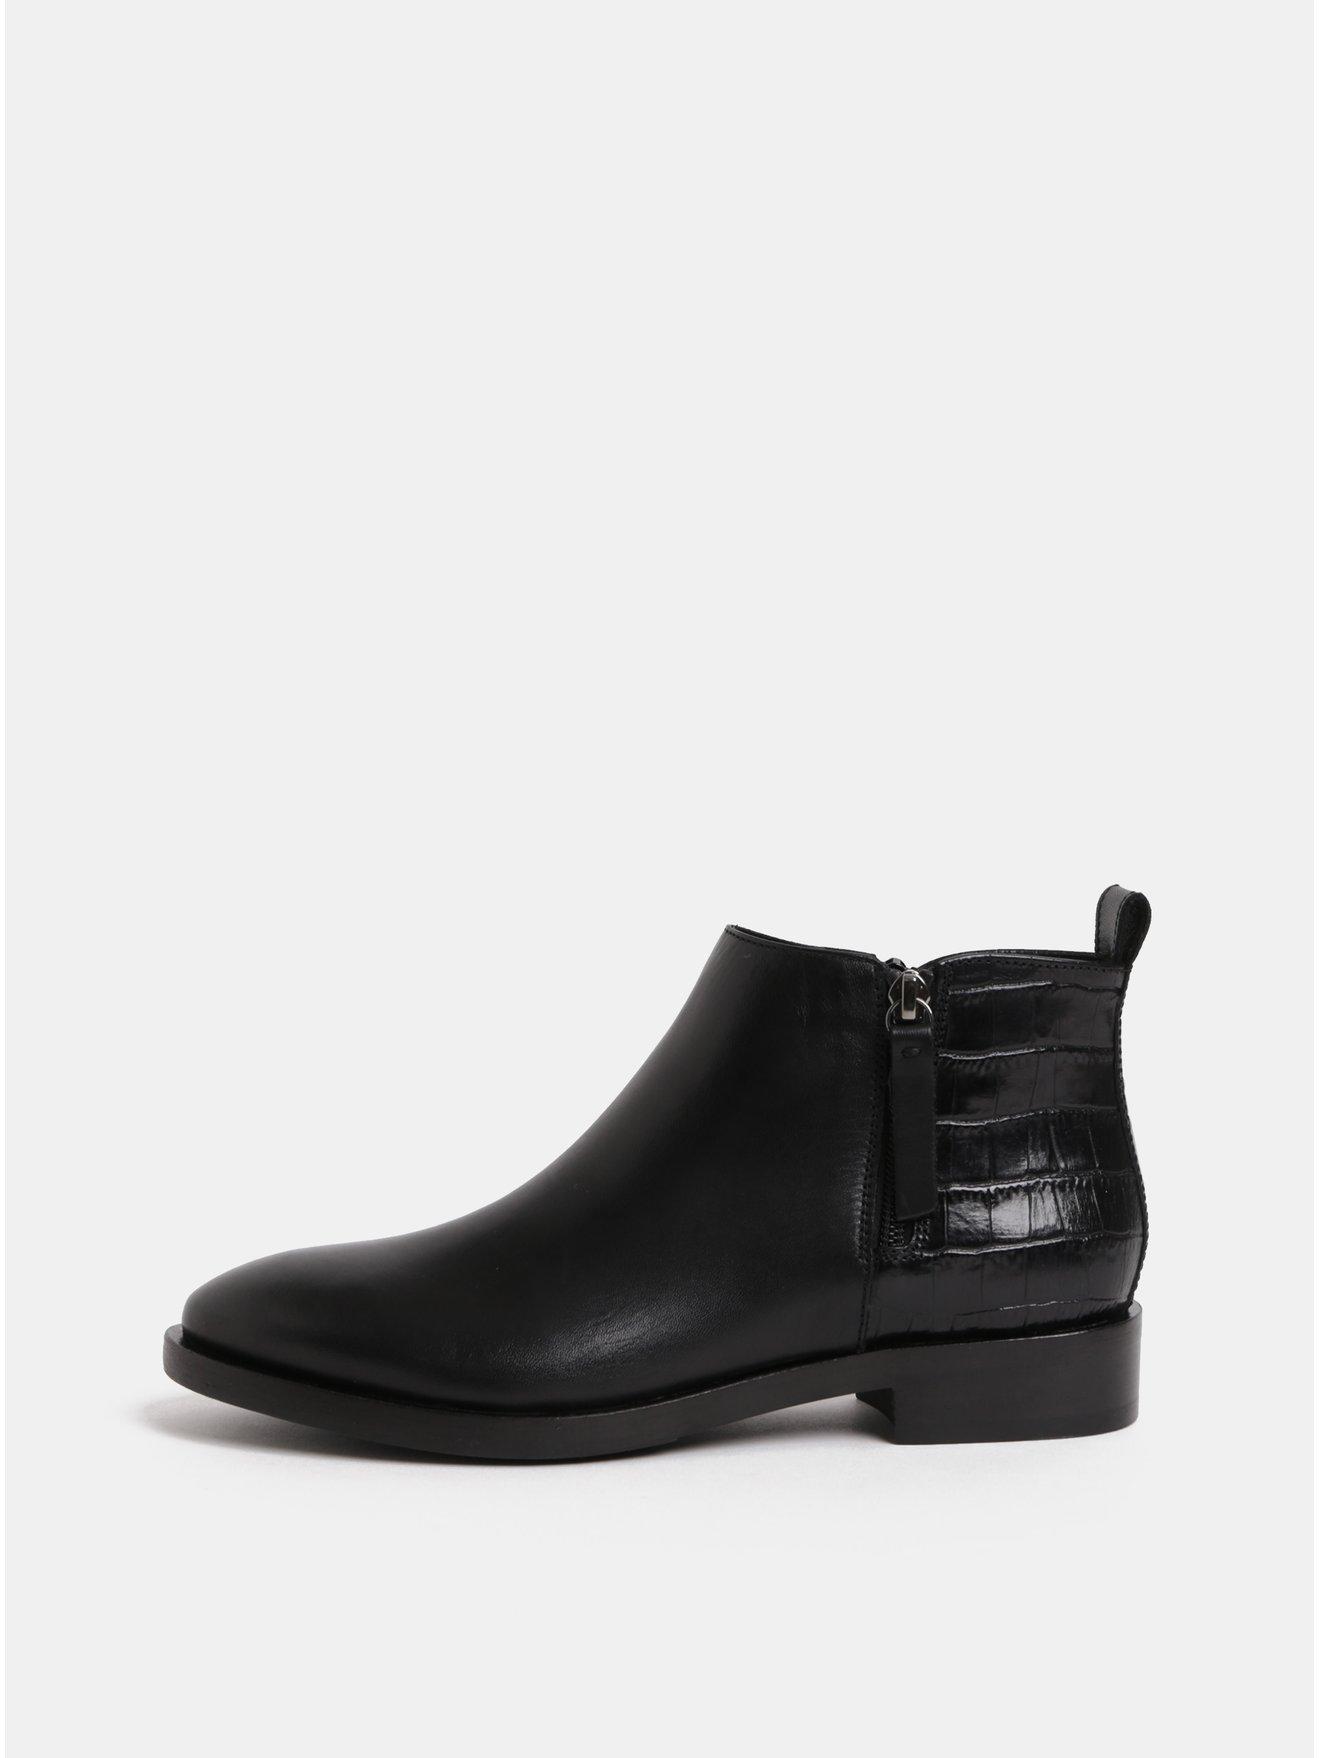 6019d25c6 Čierne dámske kožené členkové topánky so zipsmi Geox Brogue